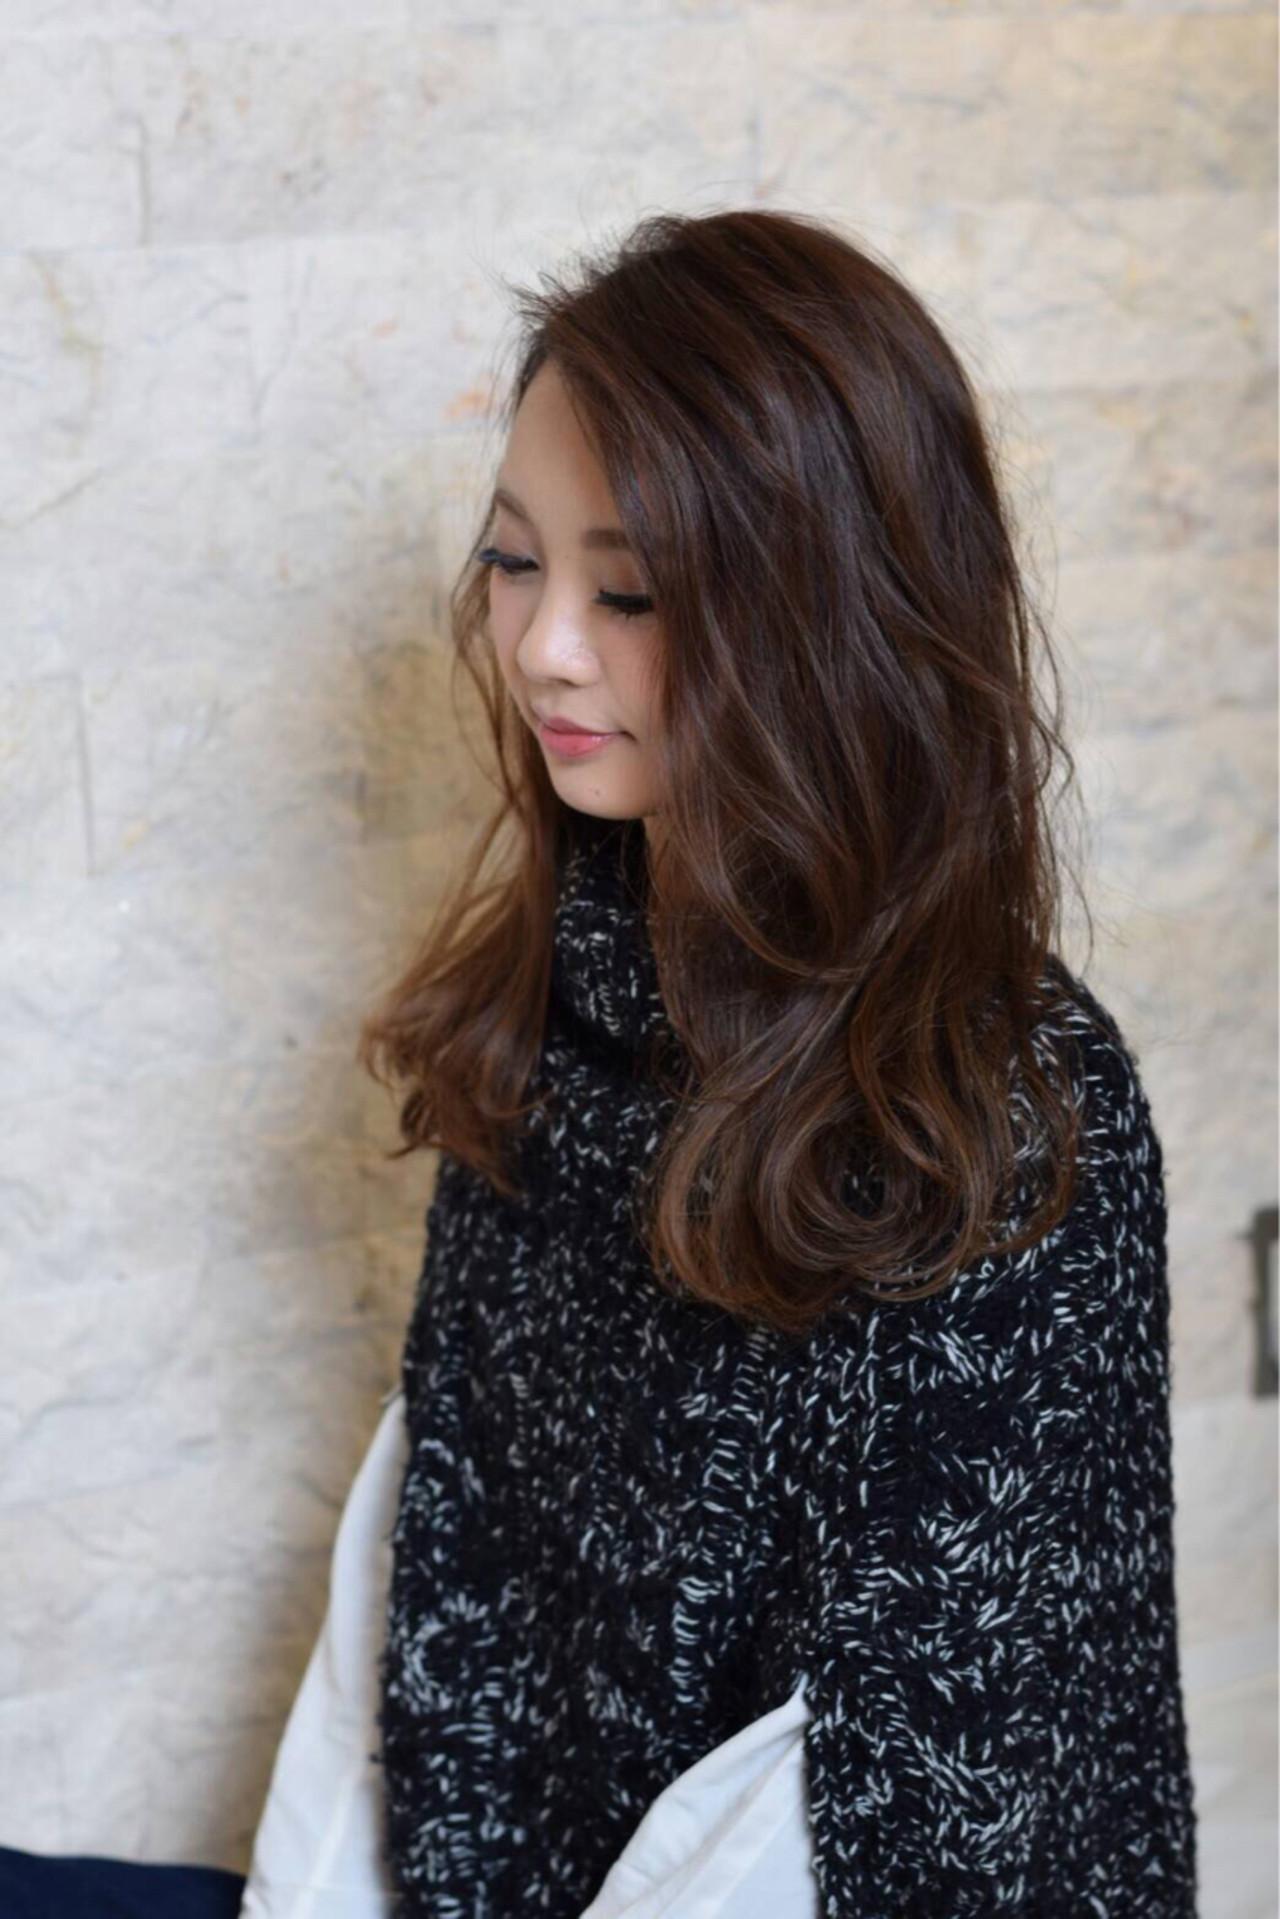 モード セミロング ナチュラル 抜け感 ヘアスタイルや髪型の写真・画像 | 藤田真奈 /